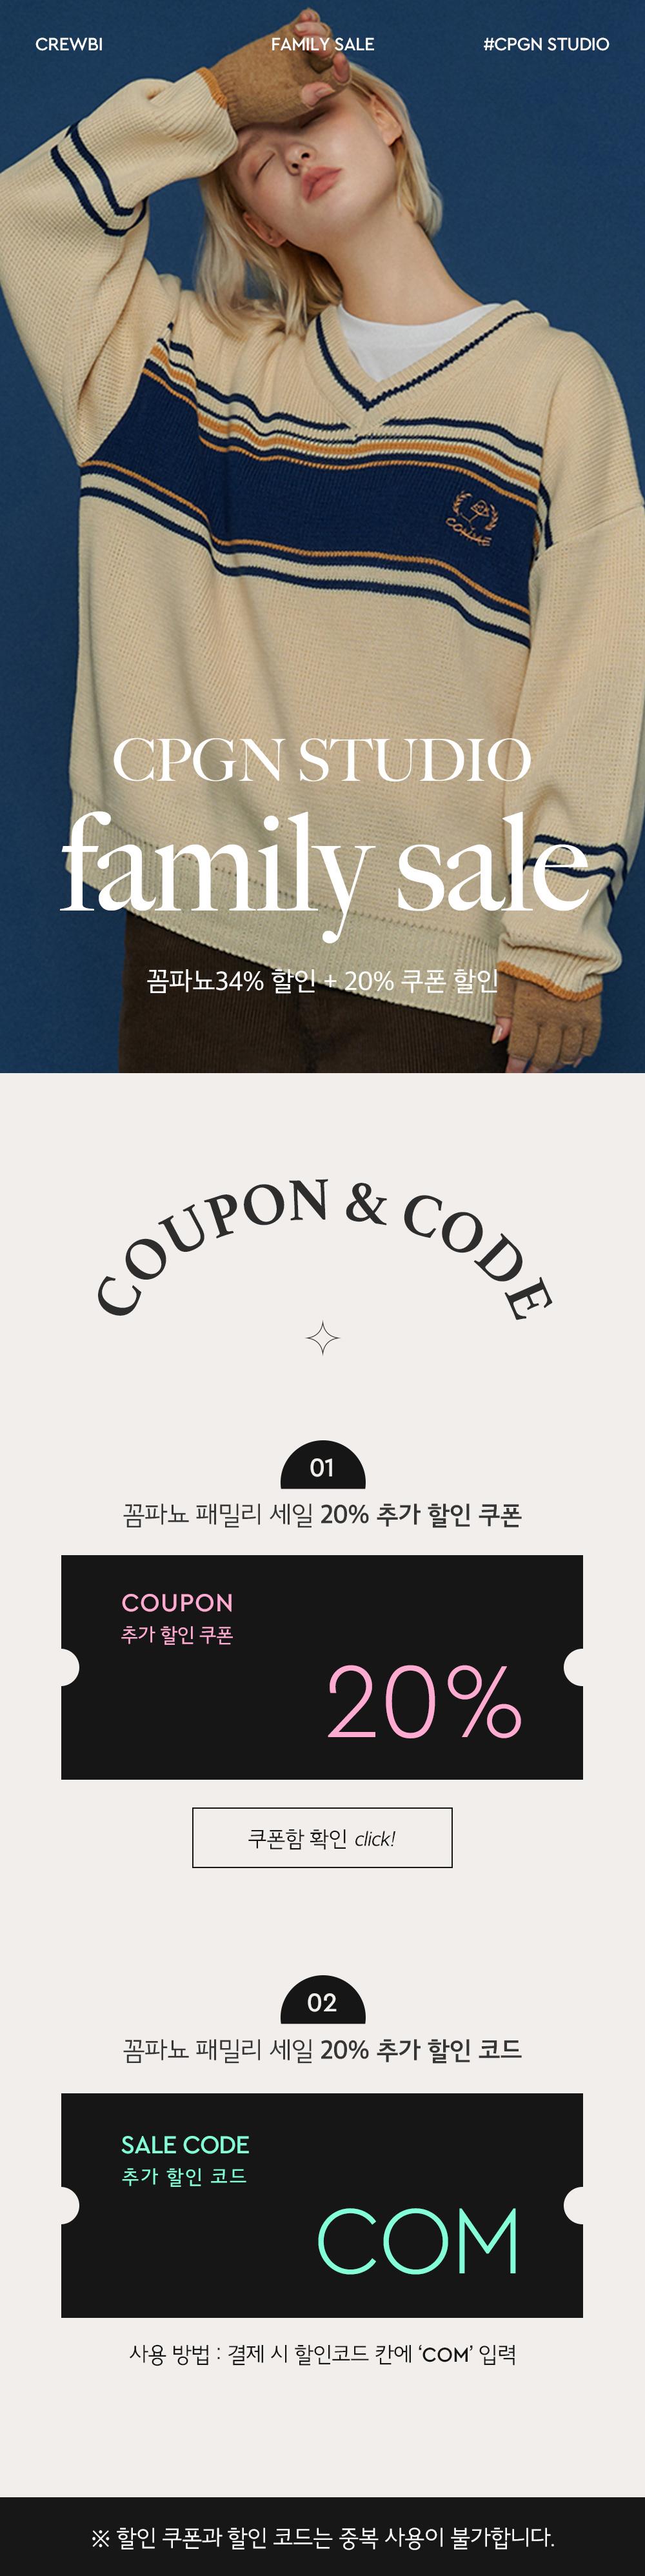 [꼼파뇨] 베스트 상품 53% 단독특가전